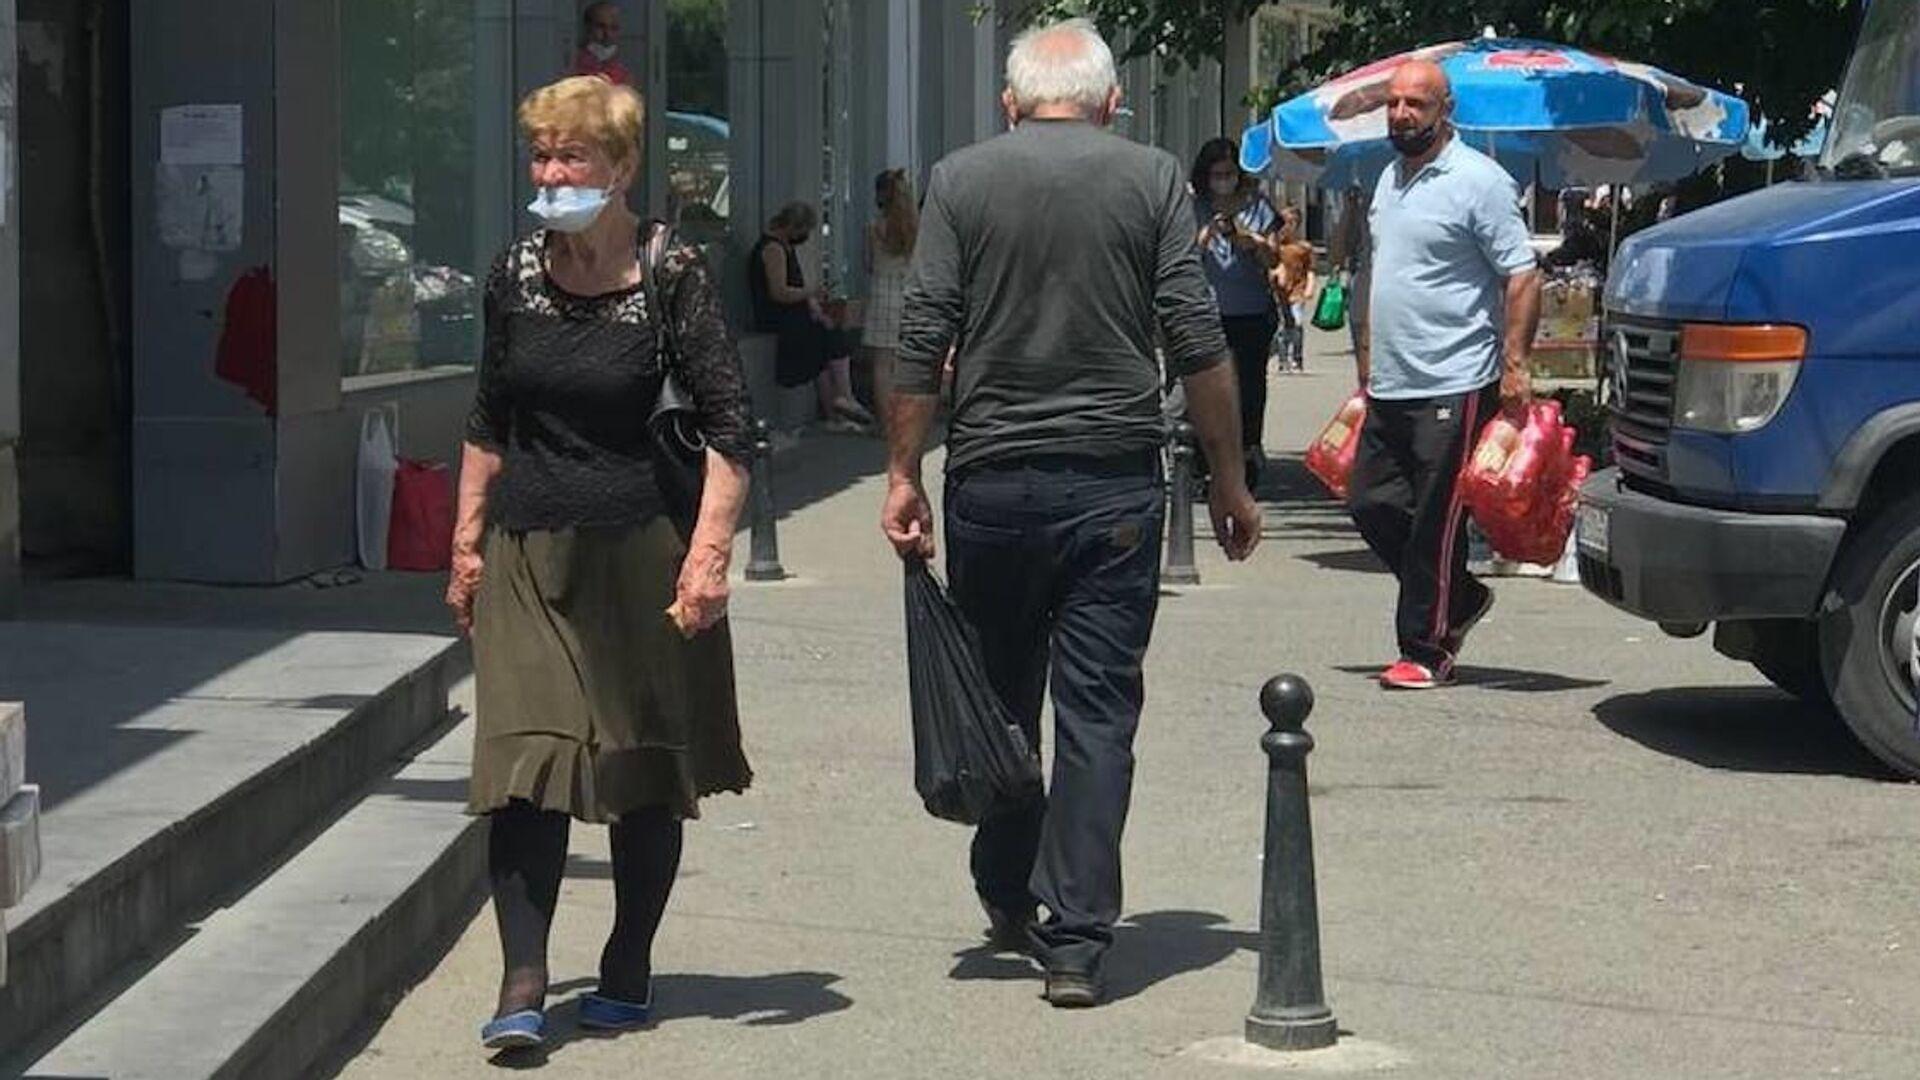 Эпидемия коронавируса. Прохожие на улицах города в масках - Sputnik Грузия, 1920, 12.09.2021